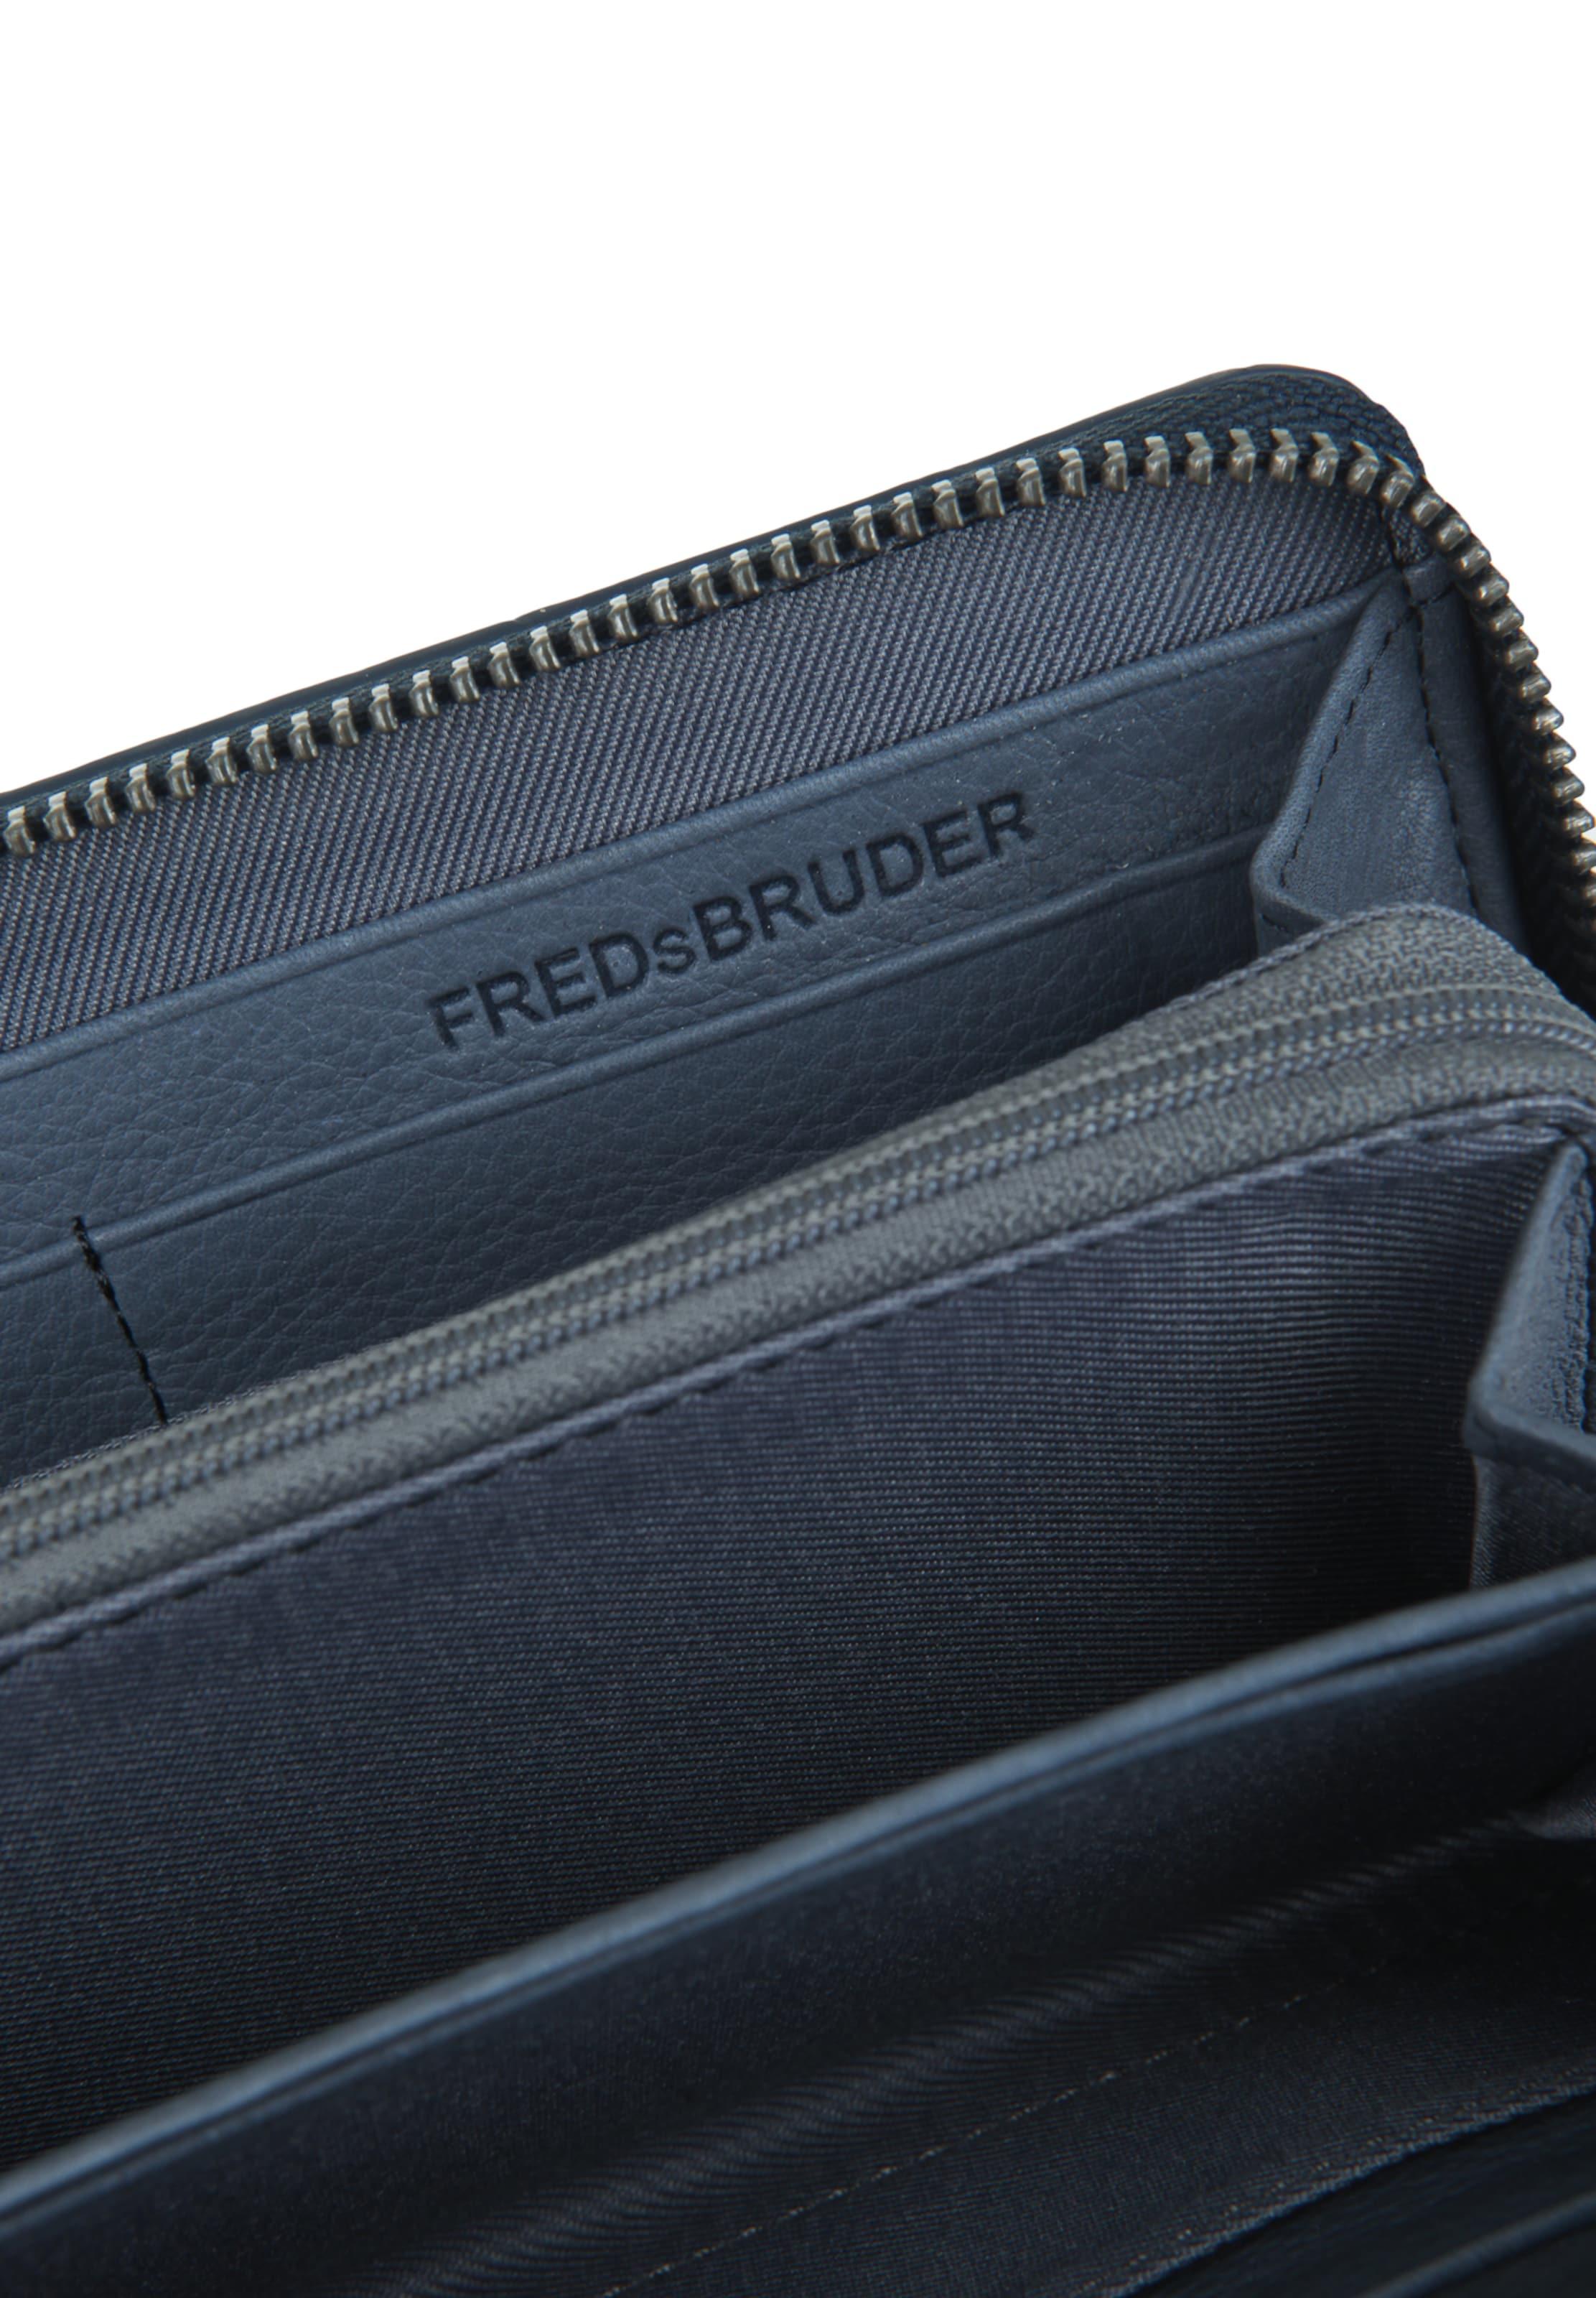 Blau 'wallet Geldbörse Big' Gürteltier In Fredsbruder wkTPulOZiX